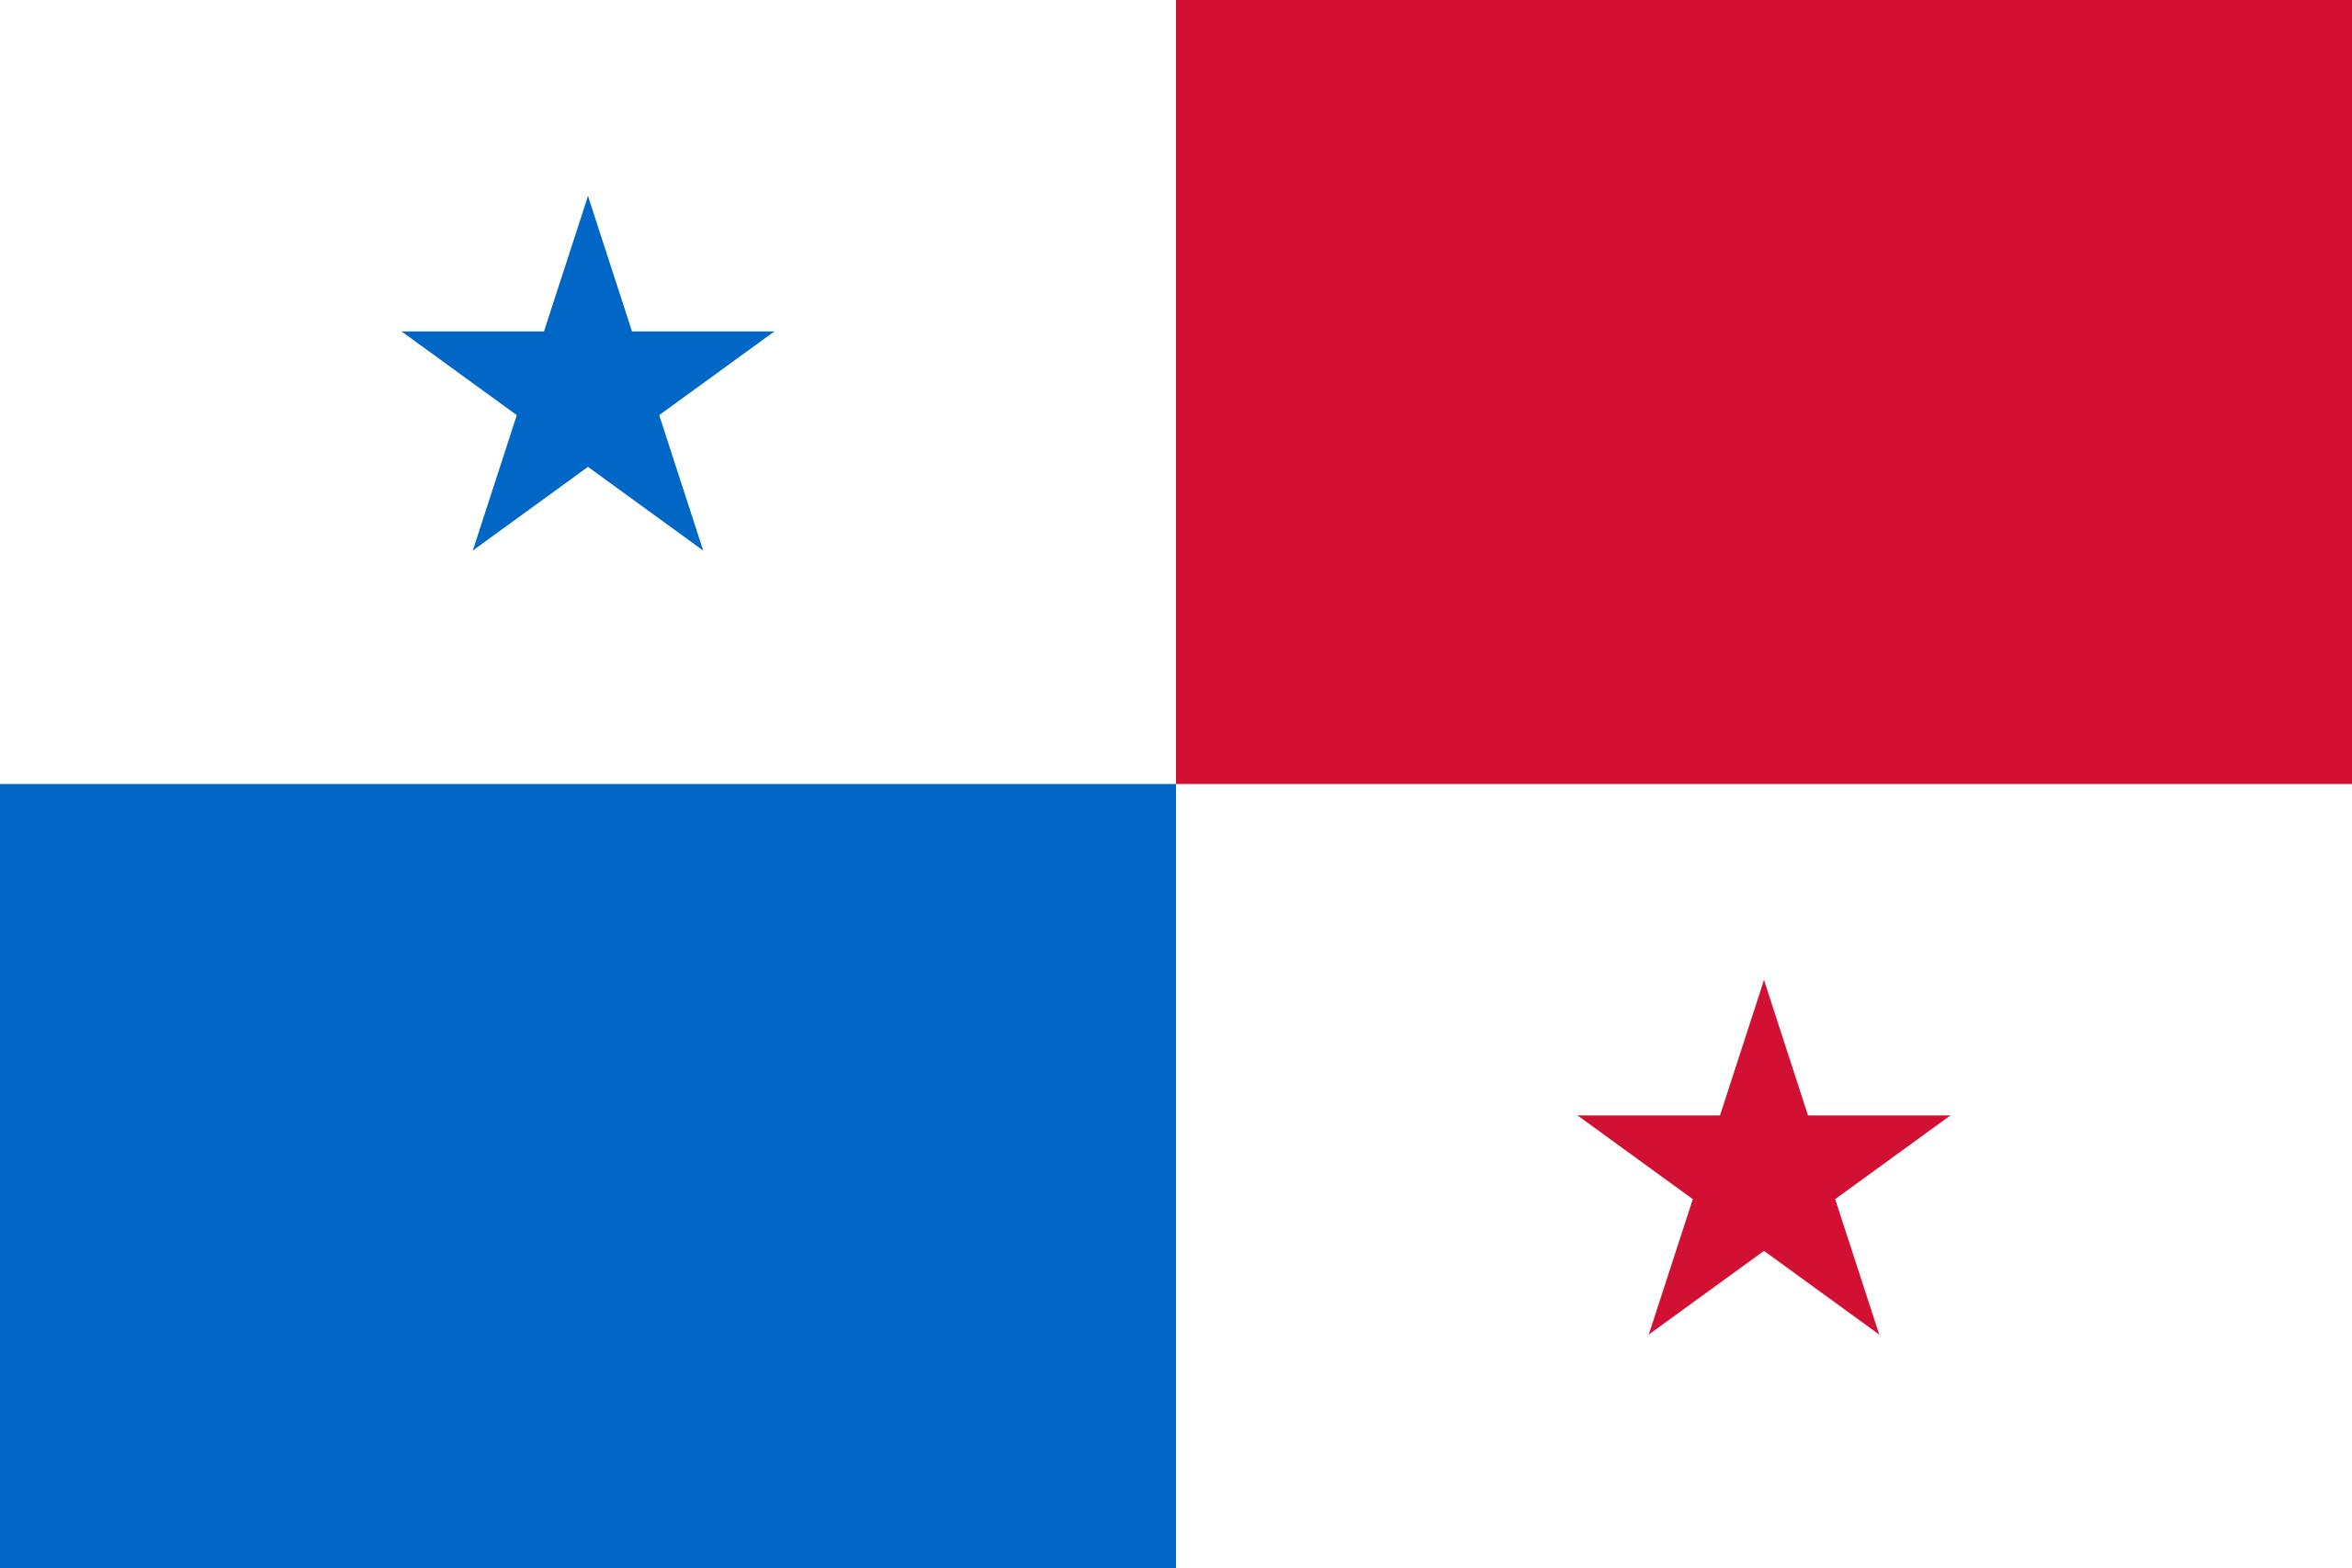 panamá, país, Brasão de armas, logotipo, símbolo - Papéis de parede HD - Professor-falken.com